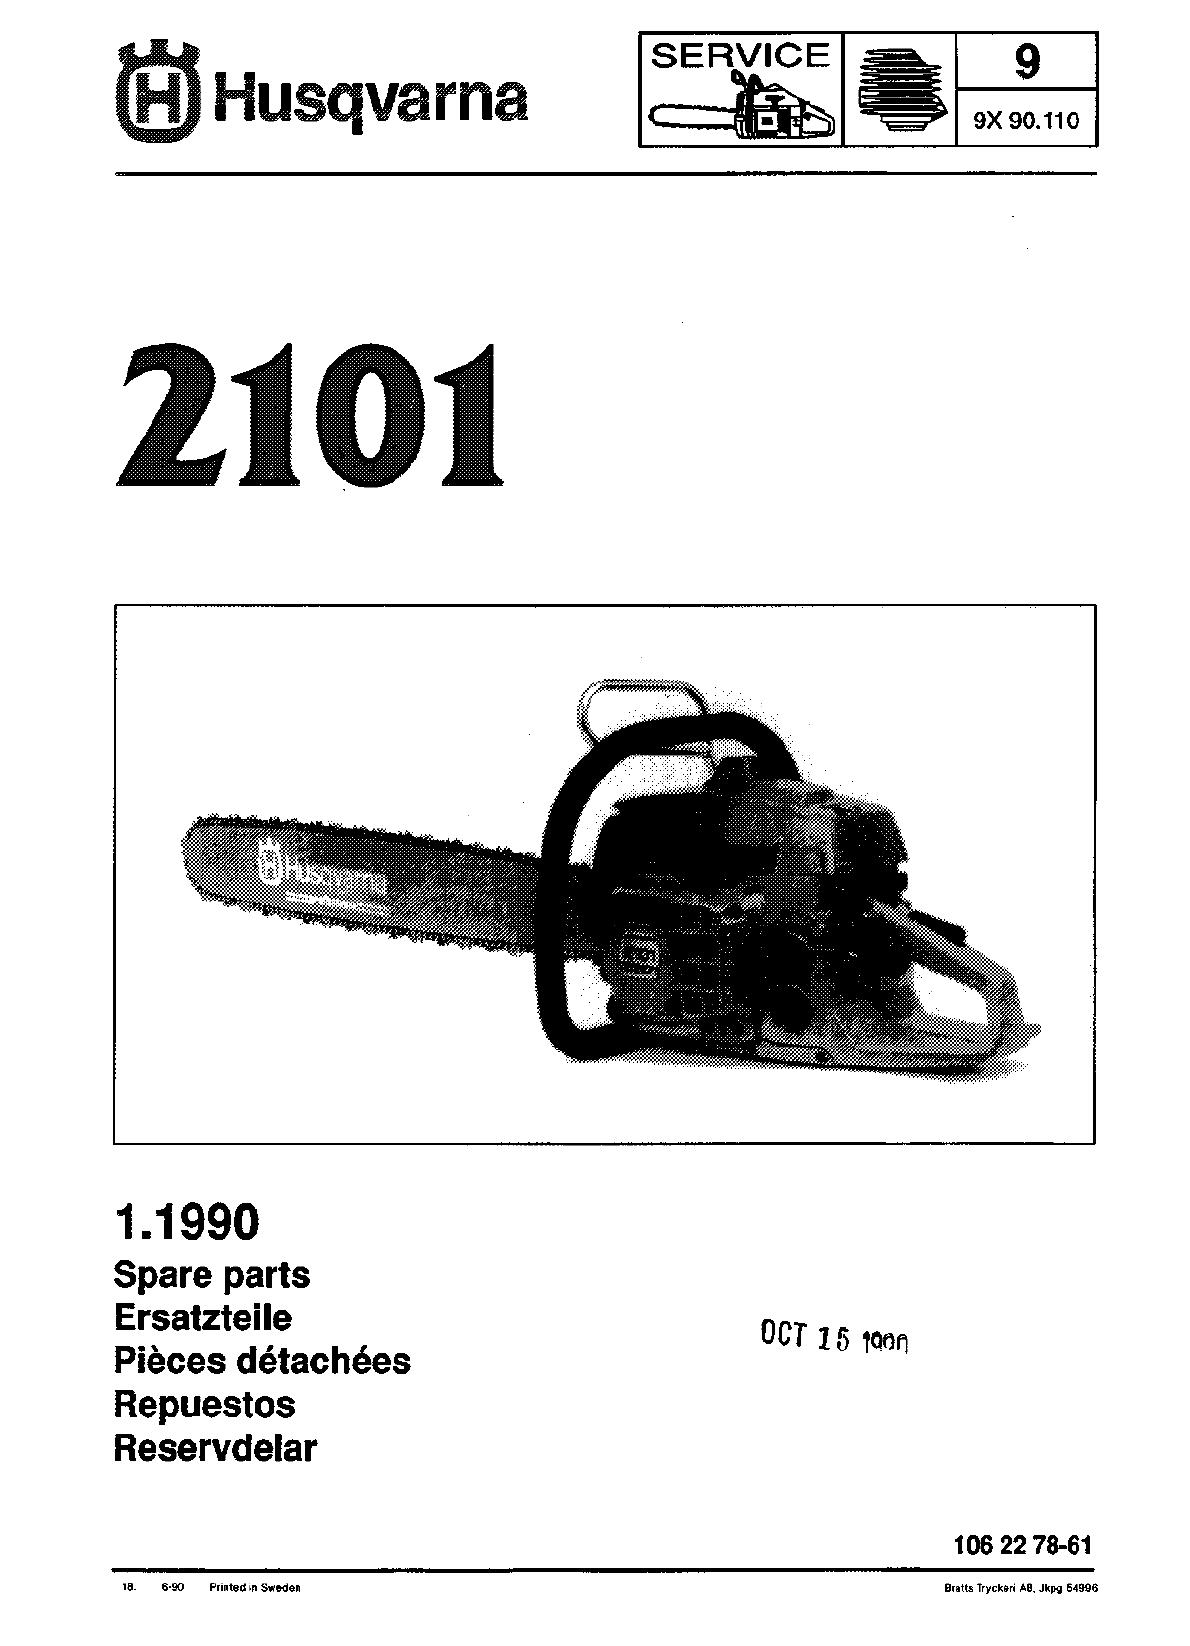 Husqvarna 2101 Users Manual IPL, 2101, 1990 06, Chain Saw